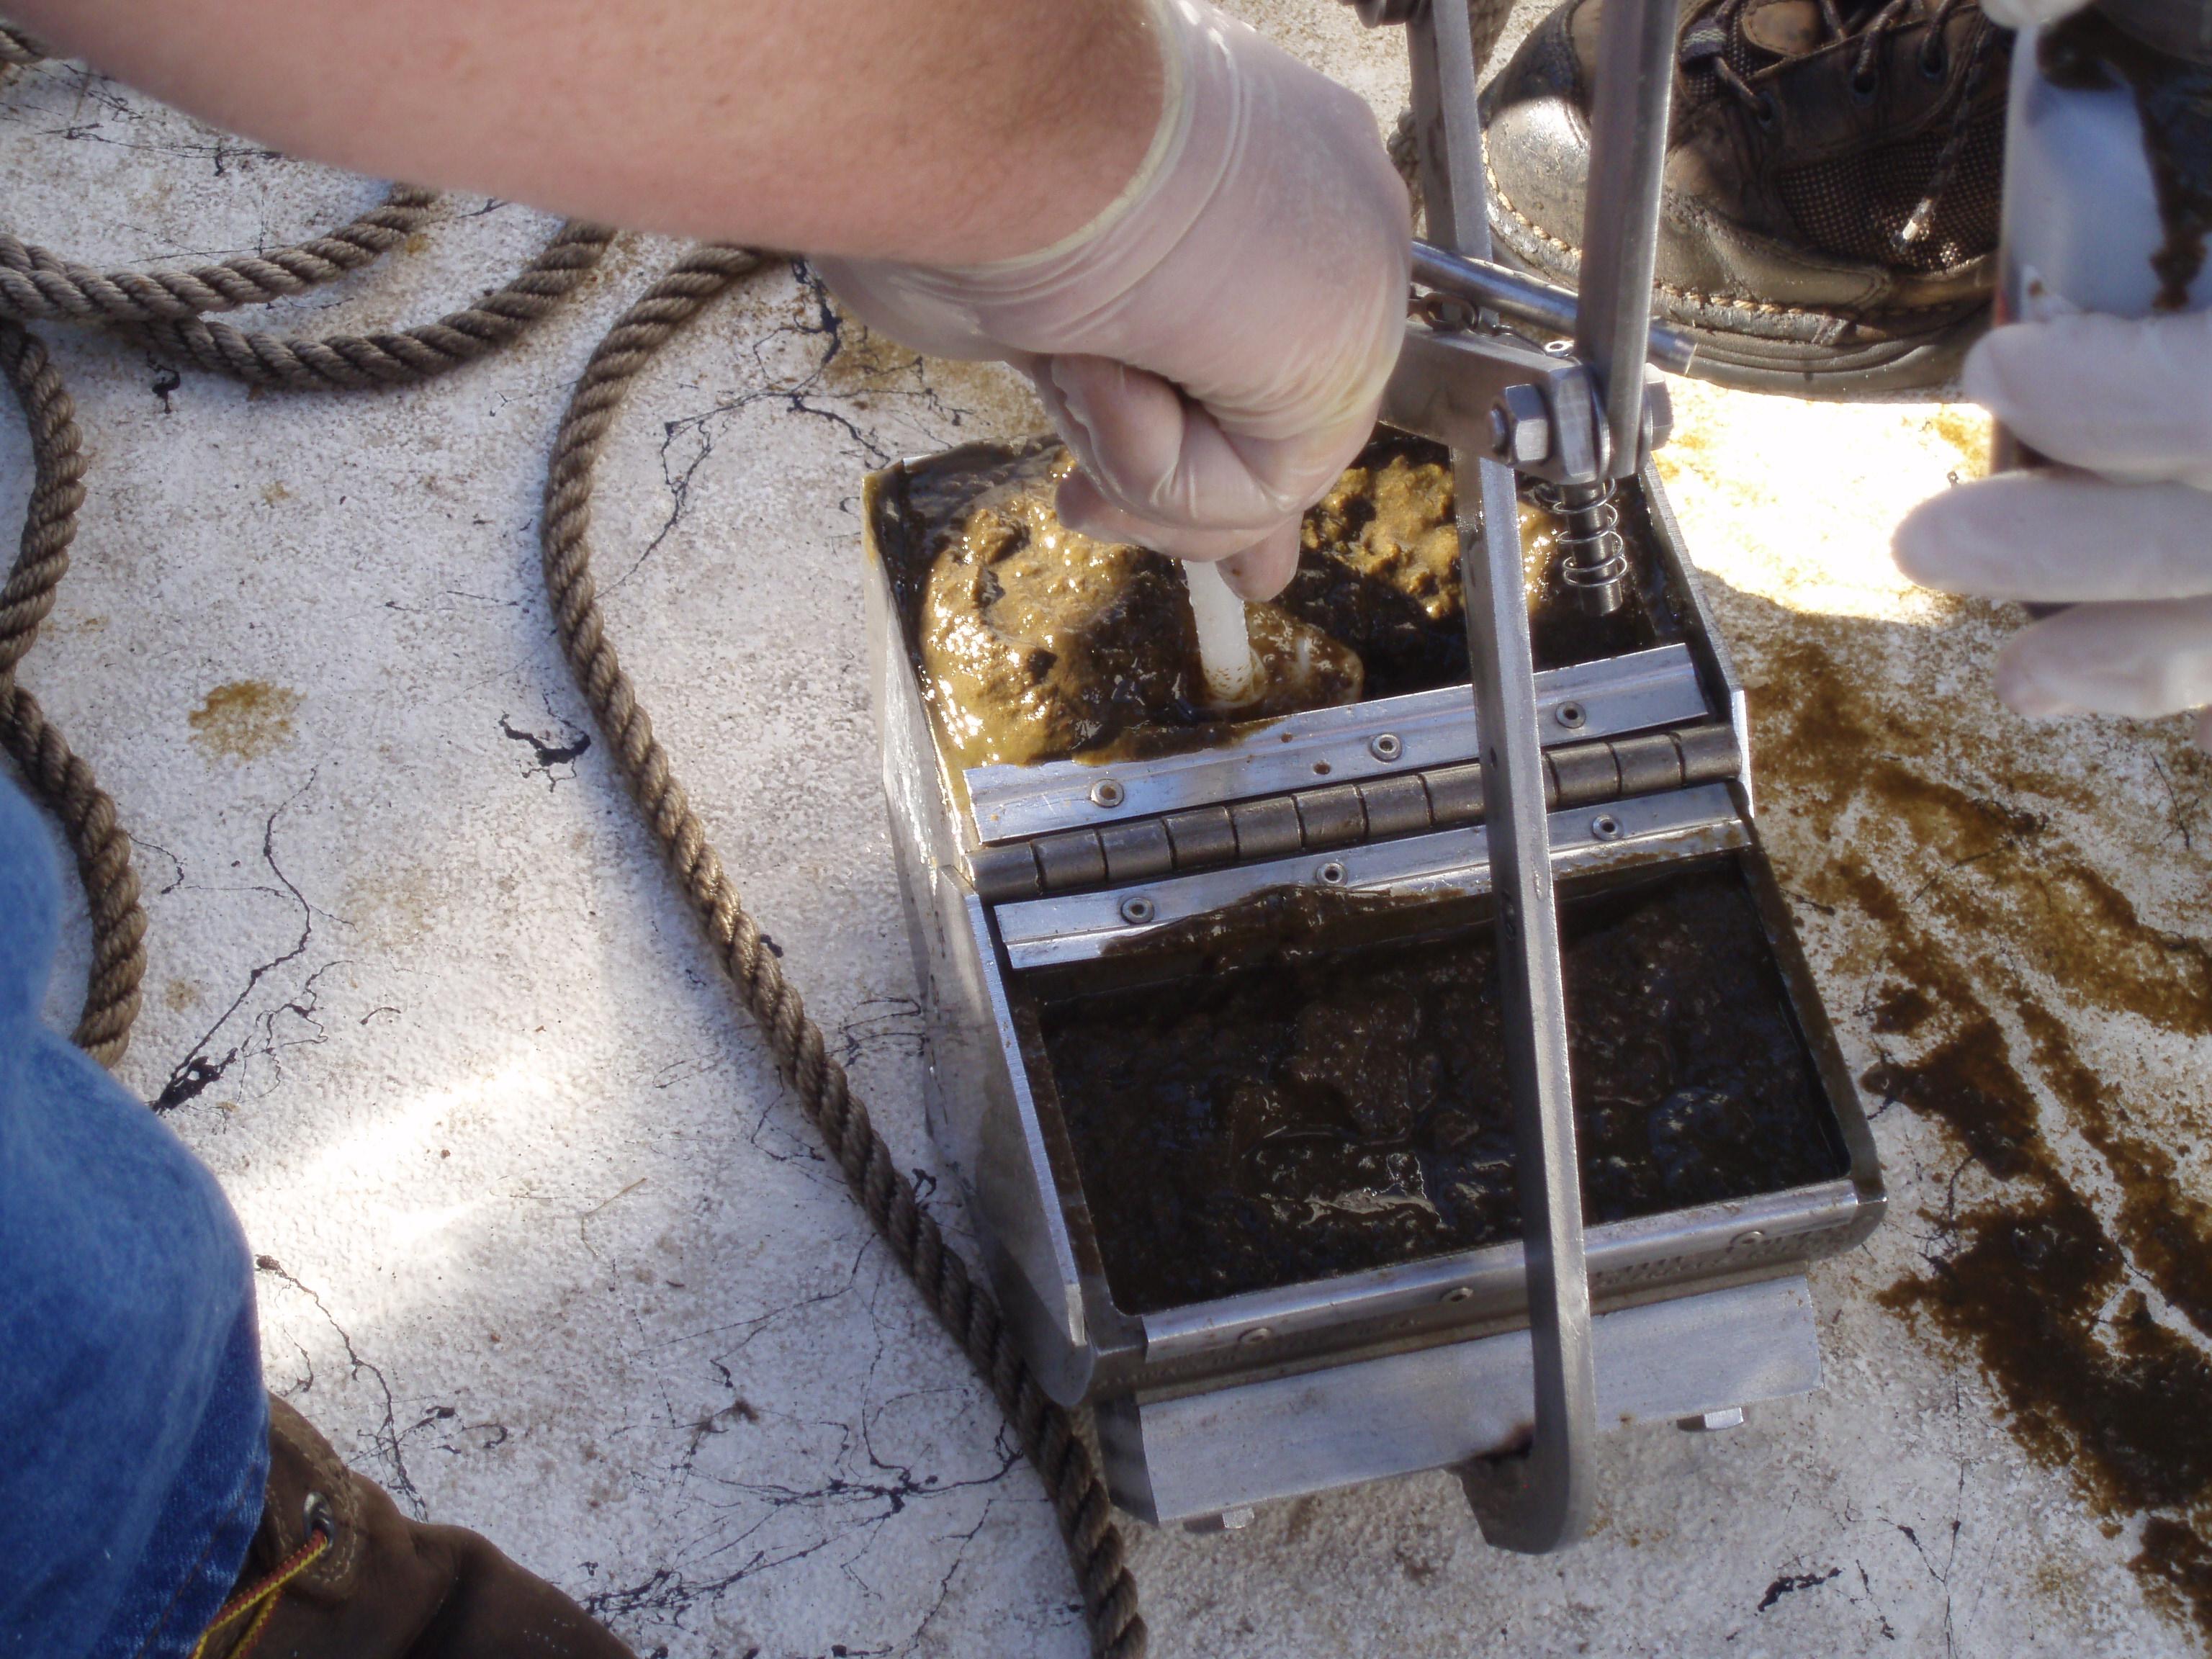 sampling dredge filled with sediment